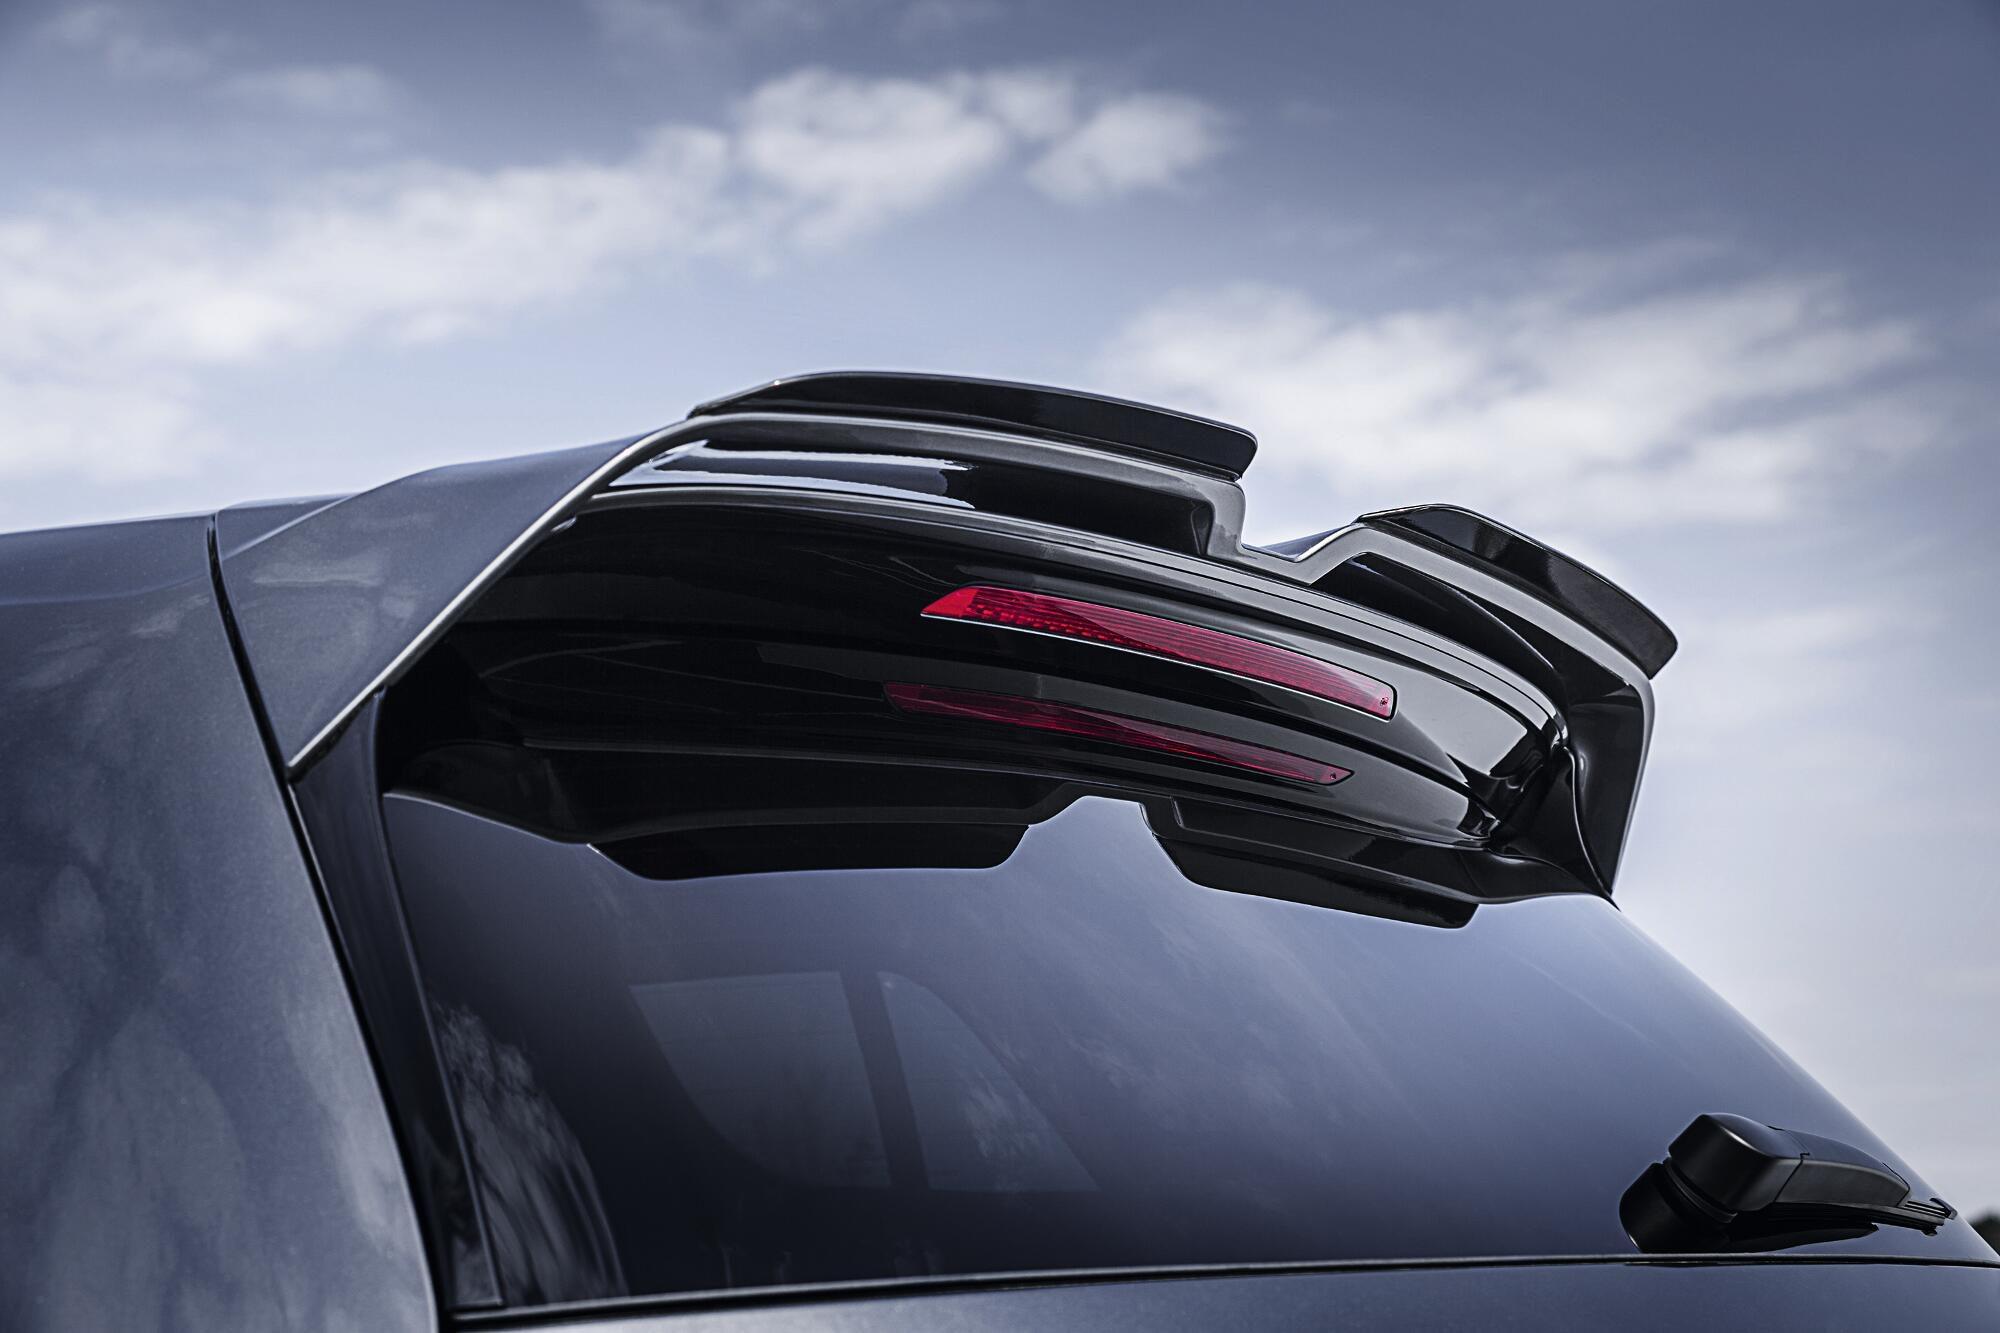 Dachkantenspoiler des VW Golf 7 R von Oettinger